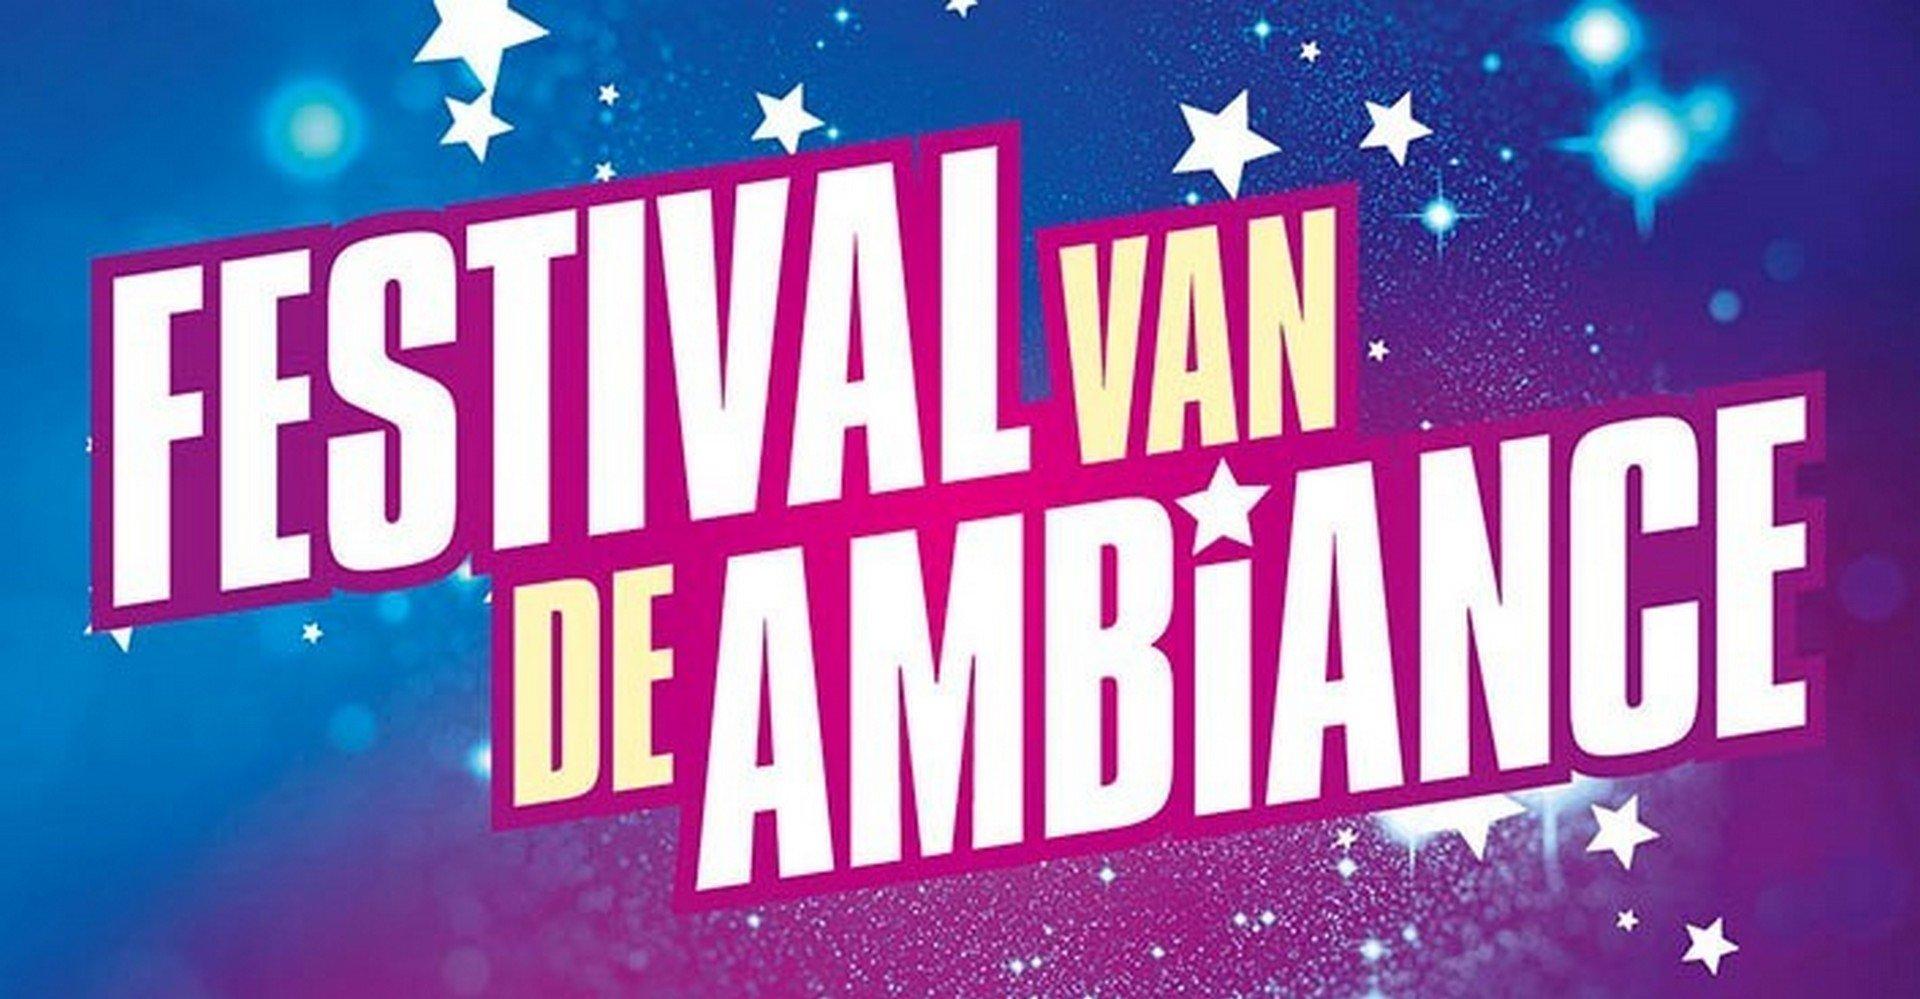 Populaire Snollebollekes debuteert op 30 november op Gentse Festival van de Ambiance. - Logo Festival van de Ambiance 1